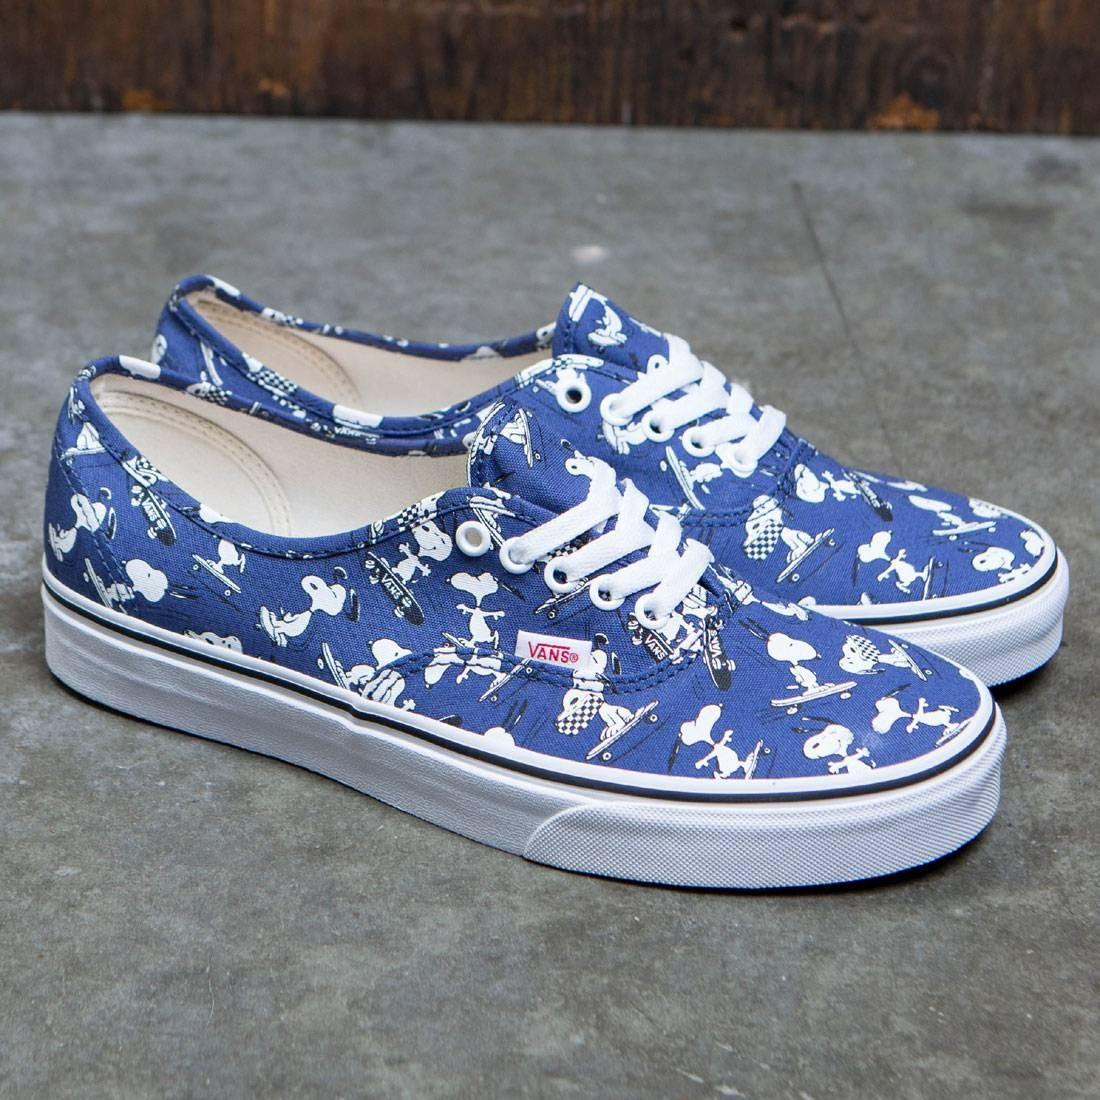 vans peanuts shoes men